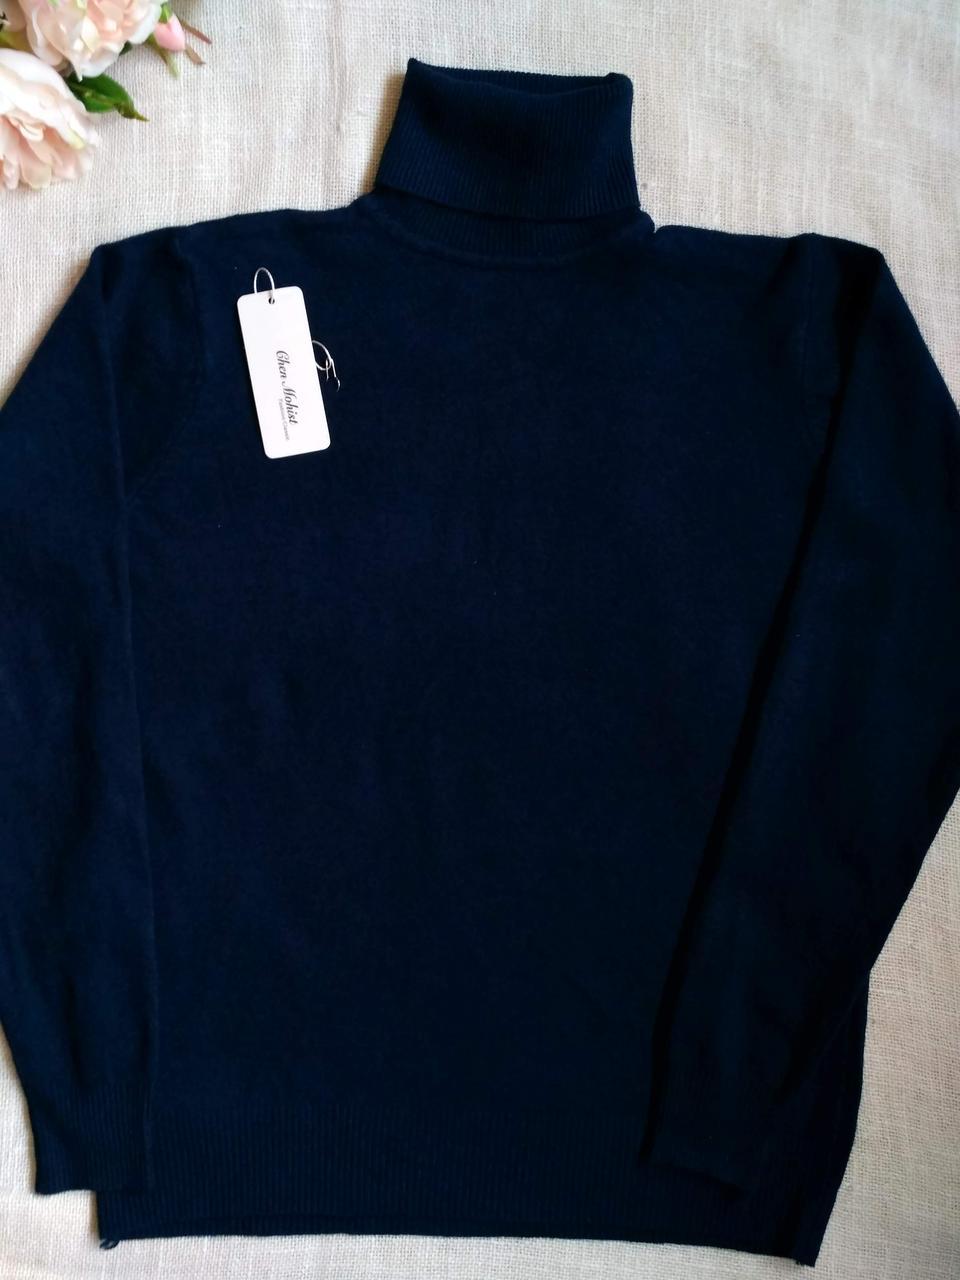 Водолазка женская темно синяя кашемировая шерстяная теплая большого размера гольф женский синий батал